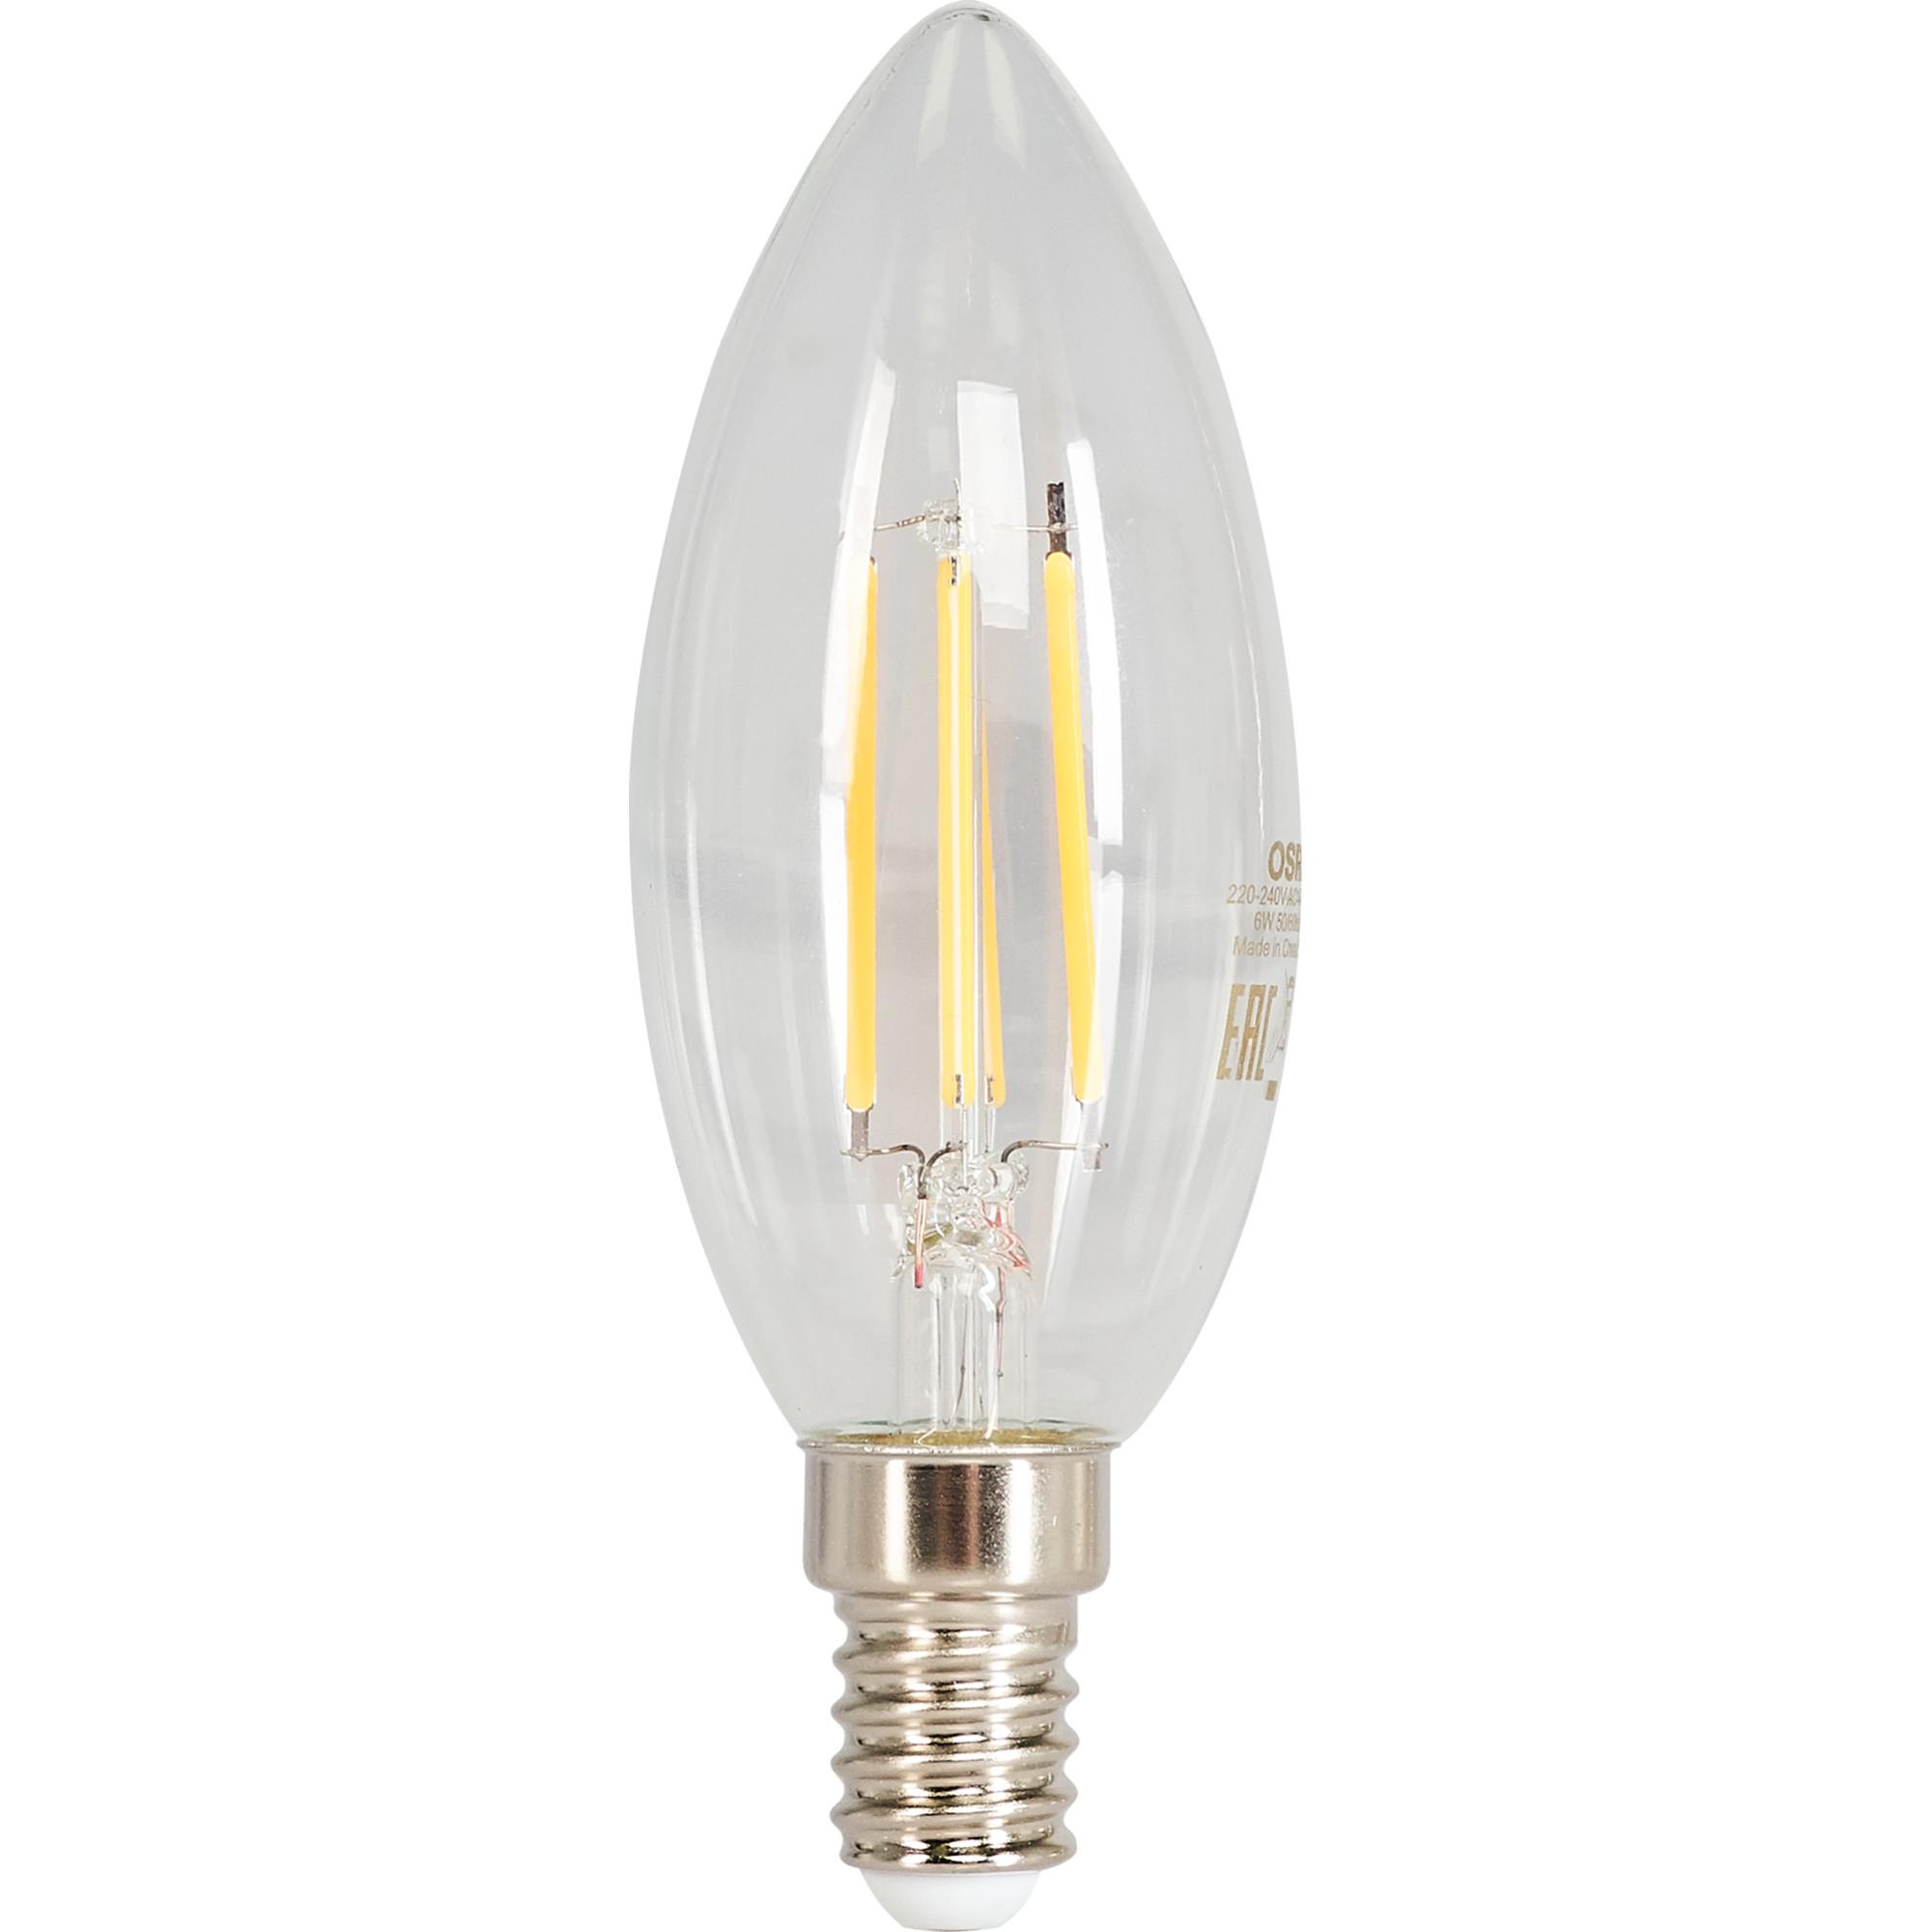 Лампа светодиодная Osram E14 220 В 6 Вт свеча прозрачная 800 лм белый свет